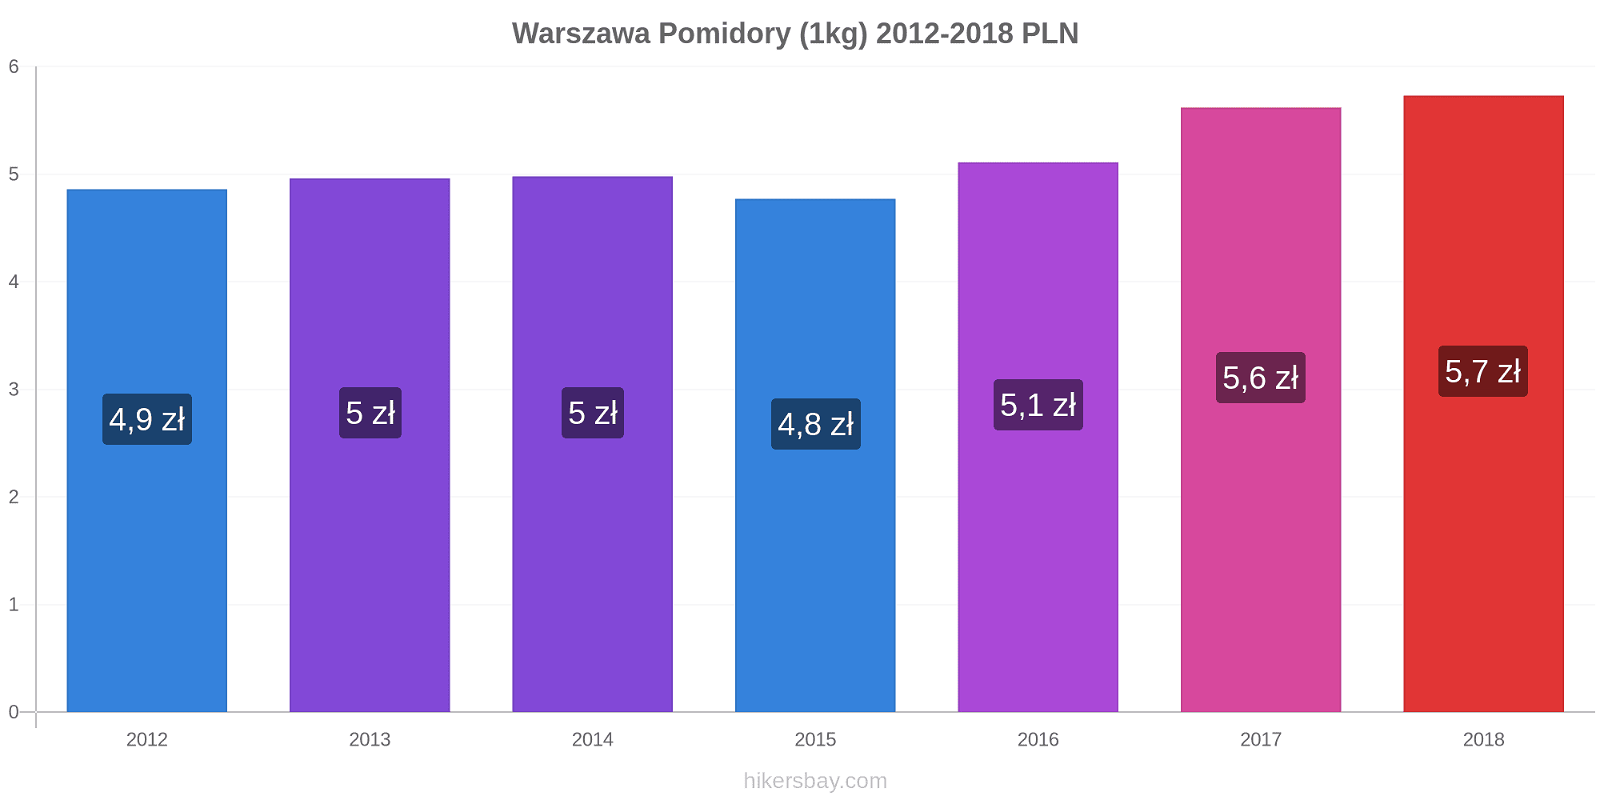 Warszawa zmiany cen Pomidory (1kg) hikersbay.com